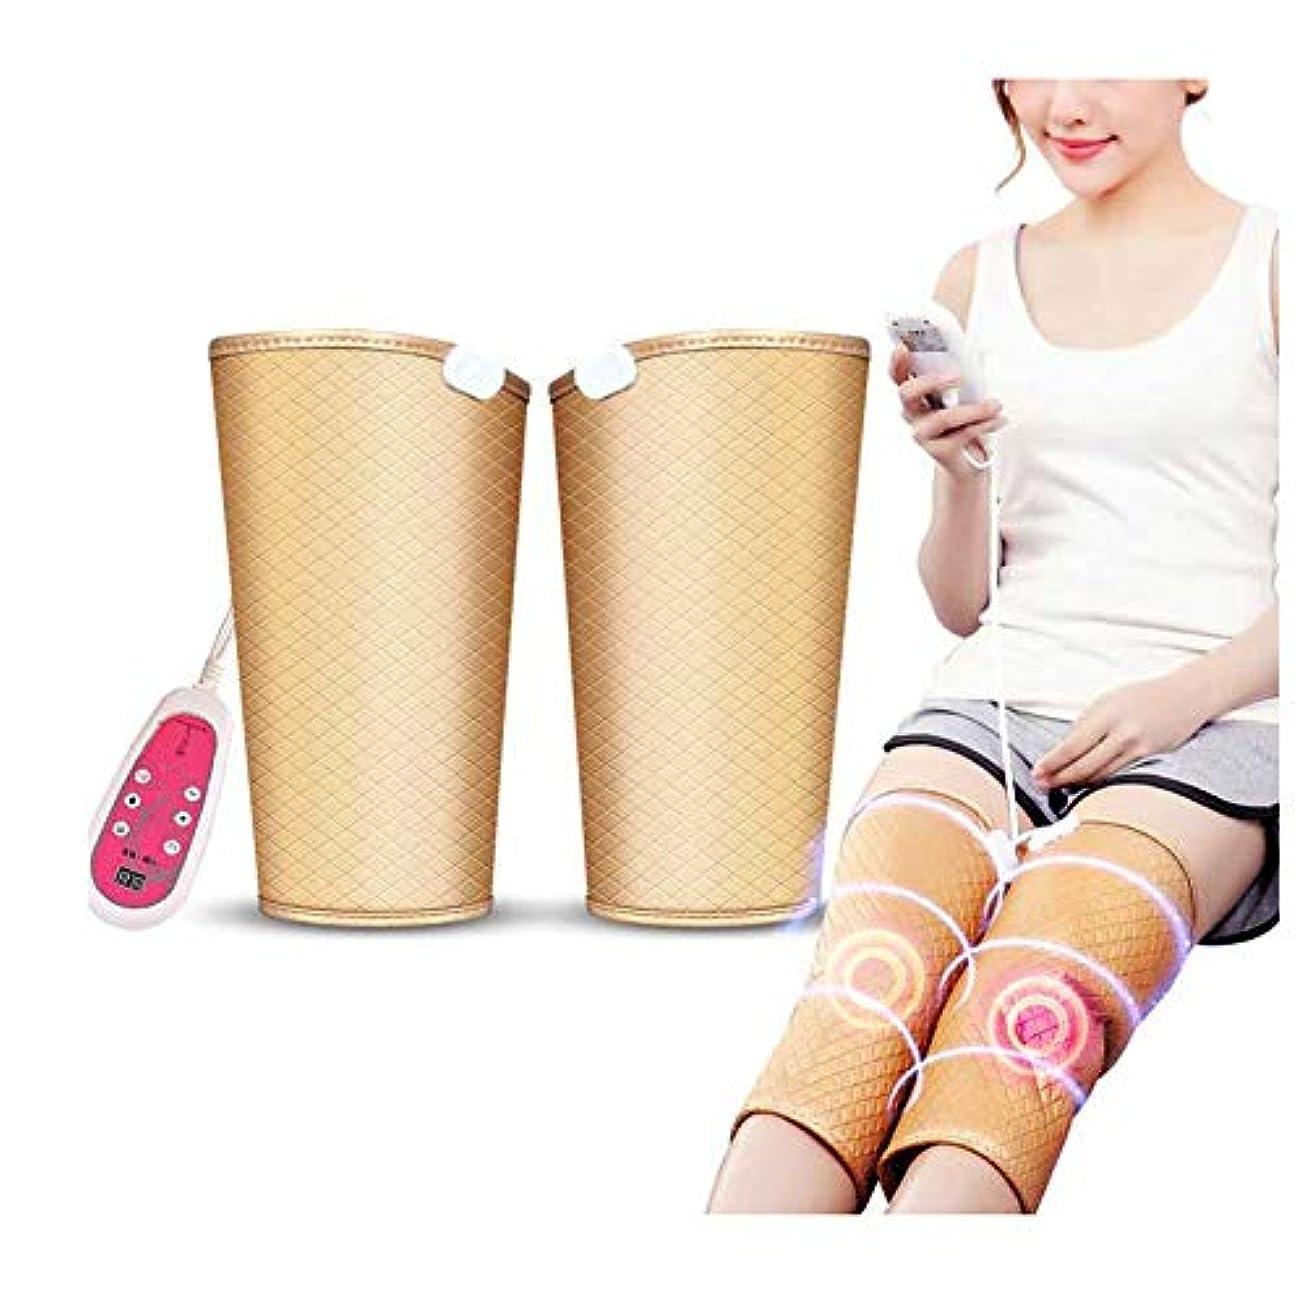 レッスン金曜日放課後暖房膝サポート9マッサージモードと膝のけがのための5つの速度でラップ膝温めラップパッド療法マッサージャー